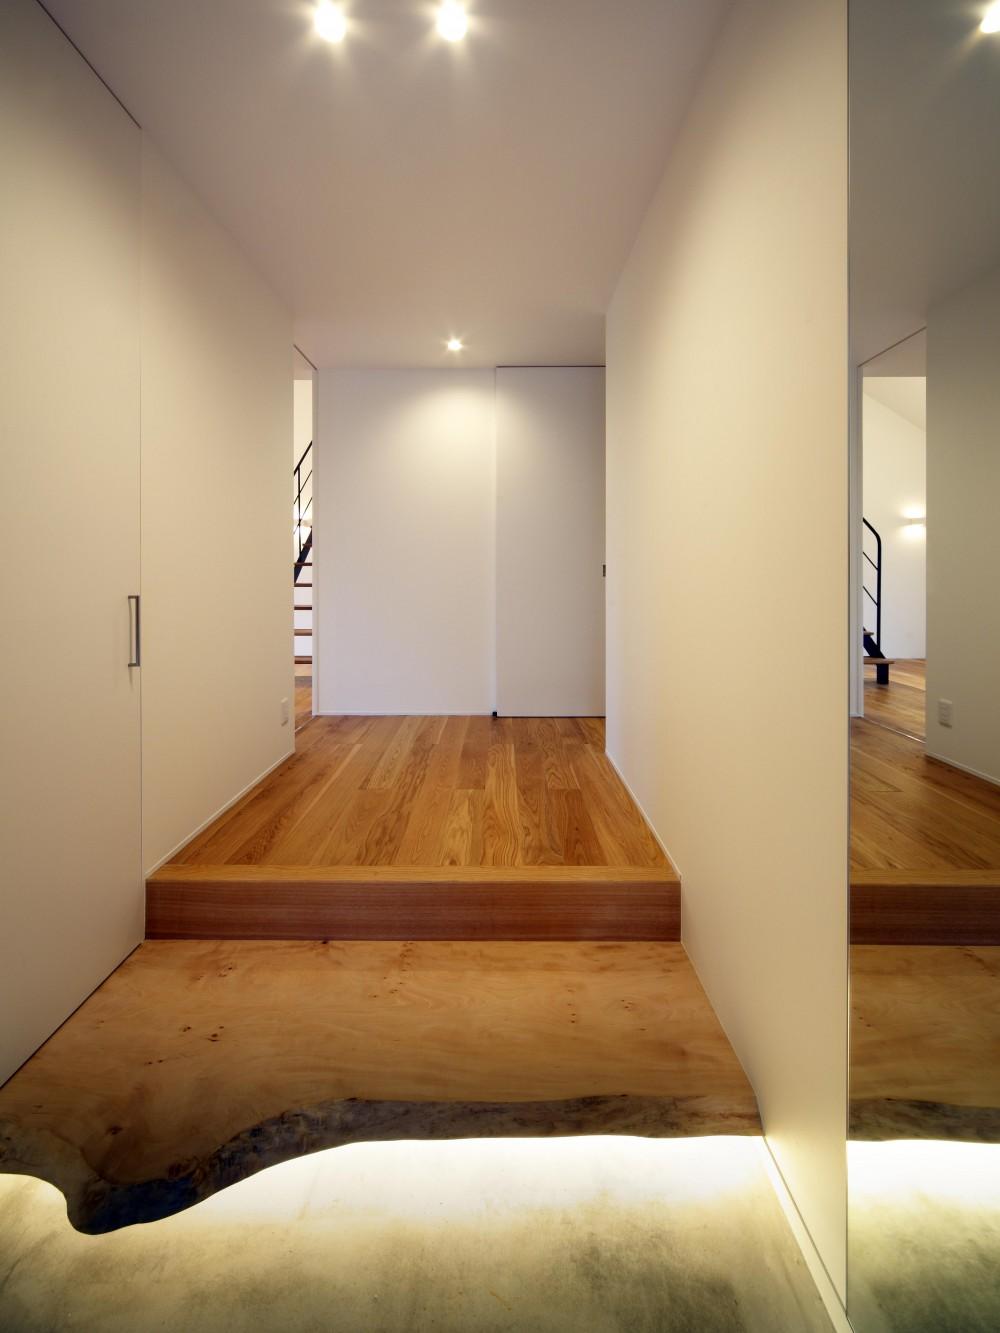 おおきな屋根を楽しむ住まい (銘木を使用したシンプルモダンな式台と上框)